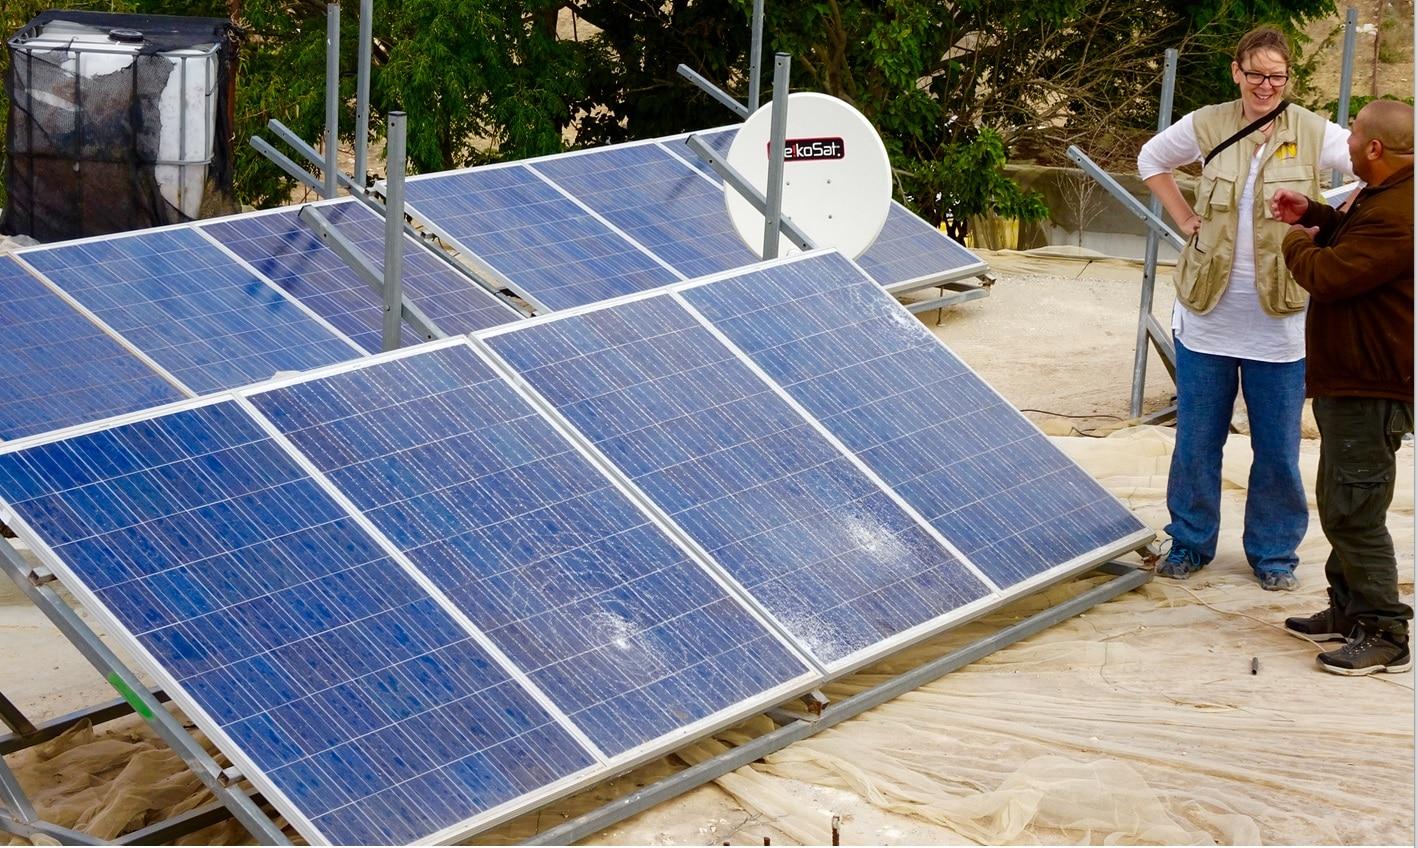 ASeefer-Panneaux solaires endommagés par les colons-61015